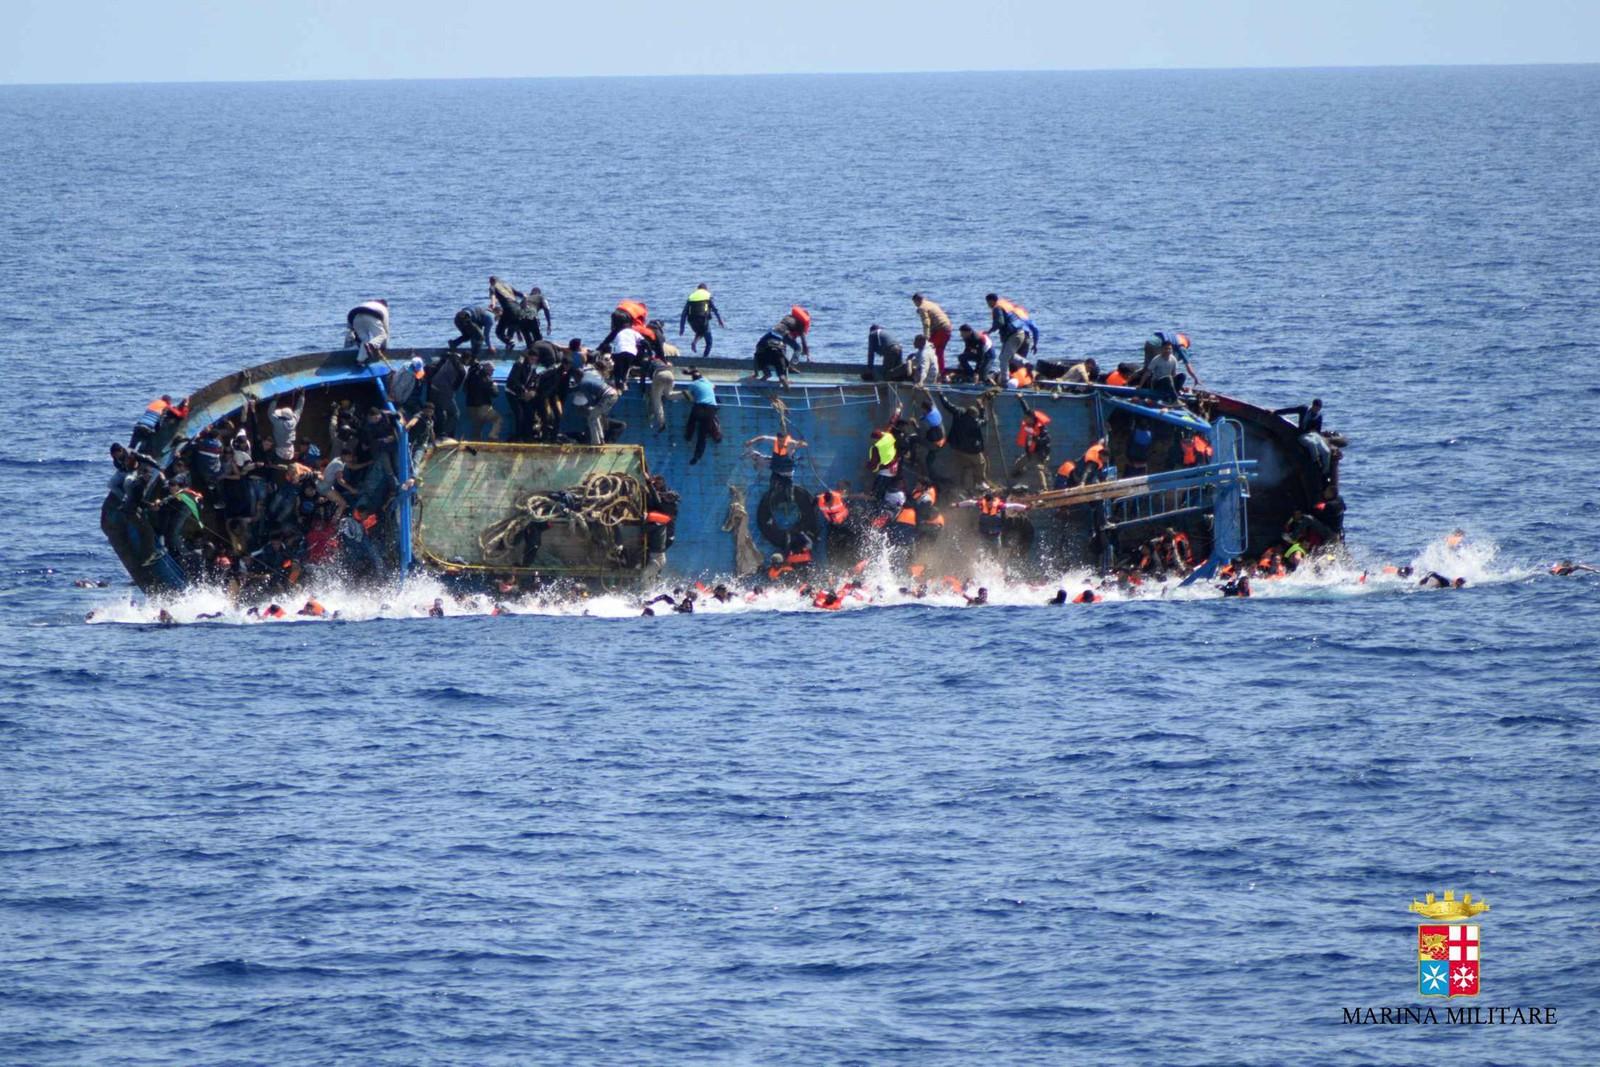 550 migranter tok sjansen på å krysse Middelhavet i denne båten. Utenfor kysten av Libya gikk det galt. De fleste ble redda av mannskapet på et italiensk marineskip, men minst fem av dem som var om bord i den gamle fiskebåten omkom da den veltet.